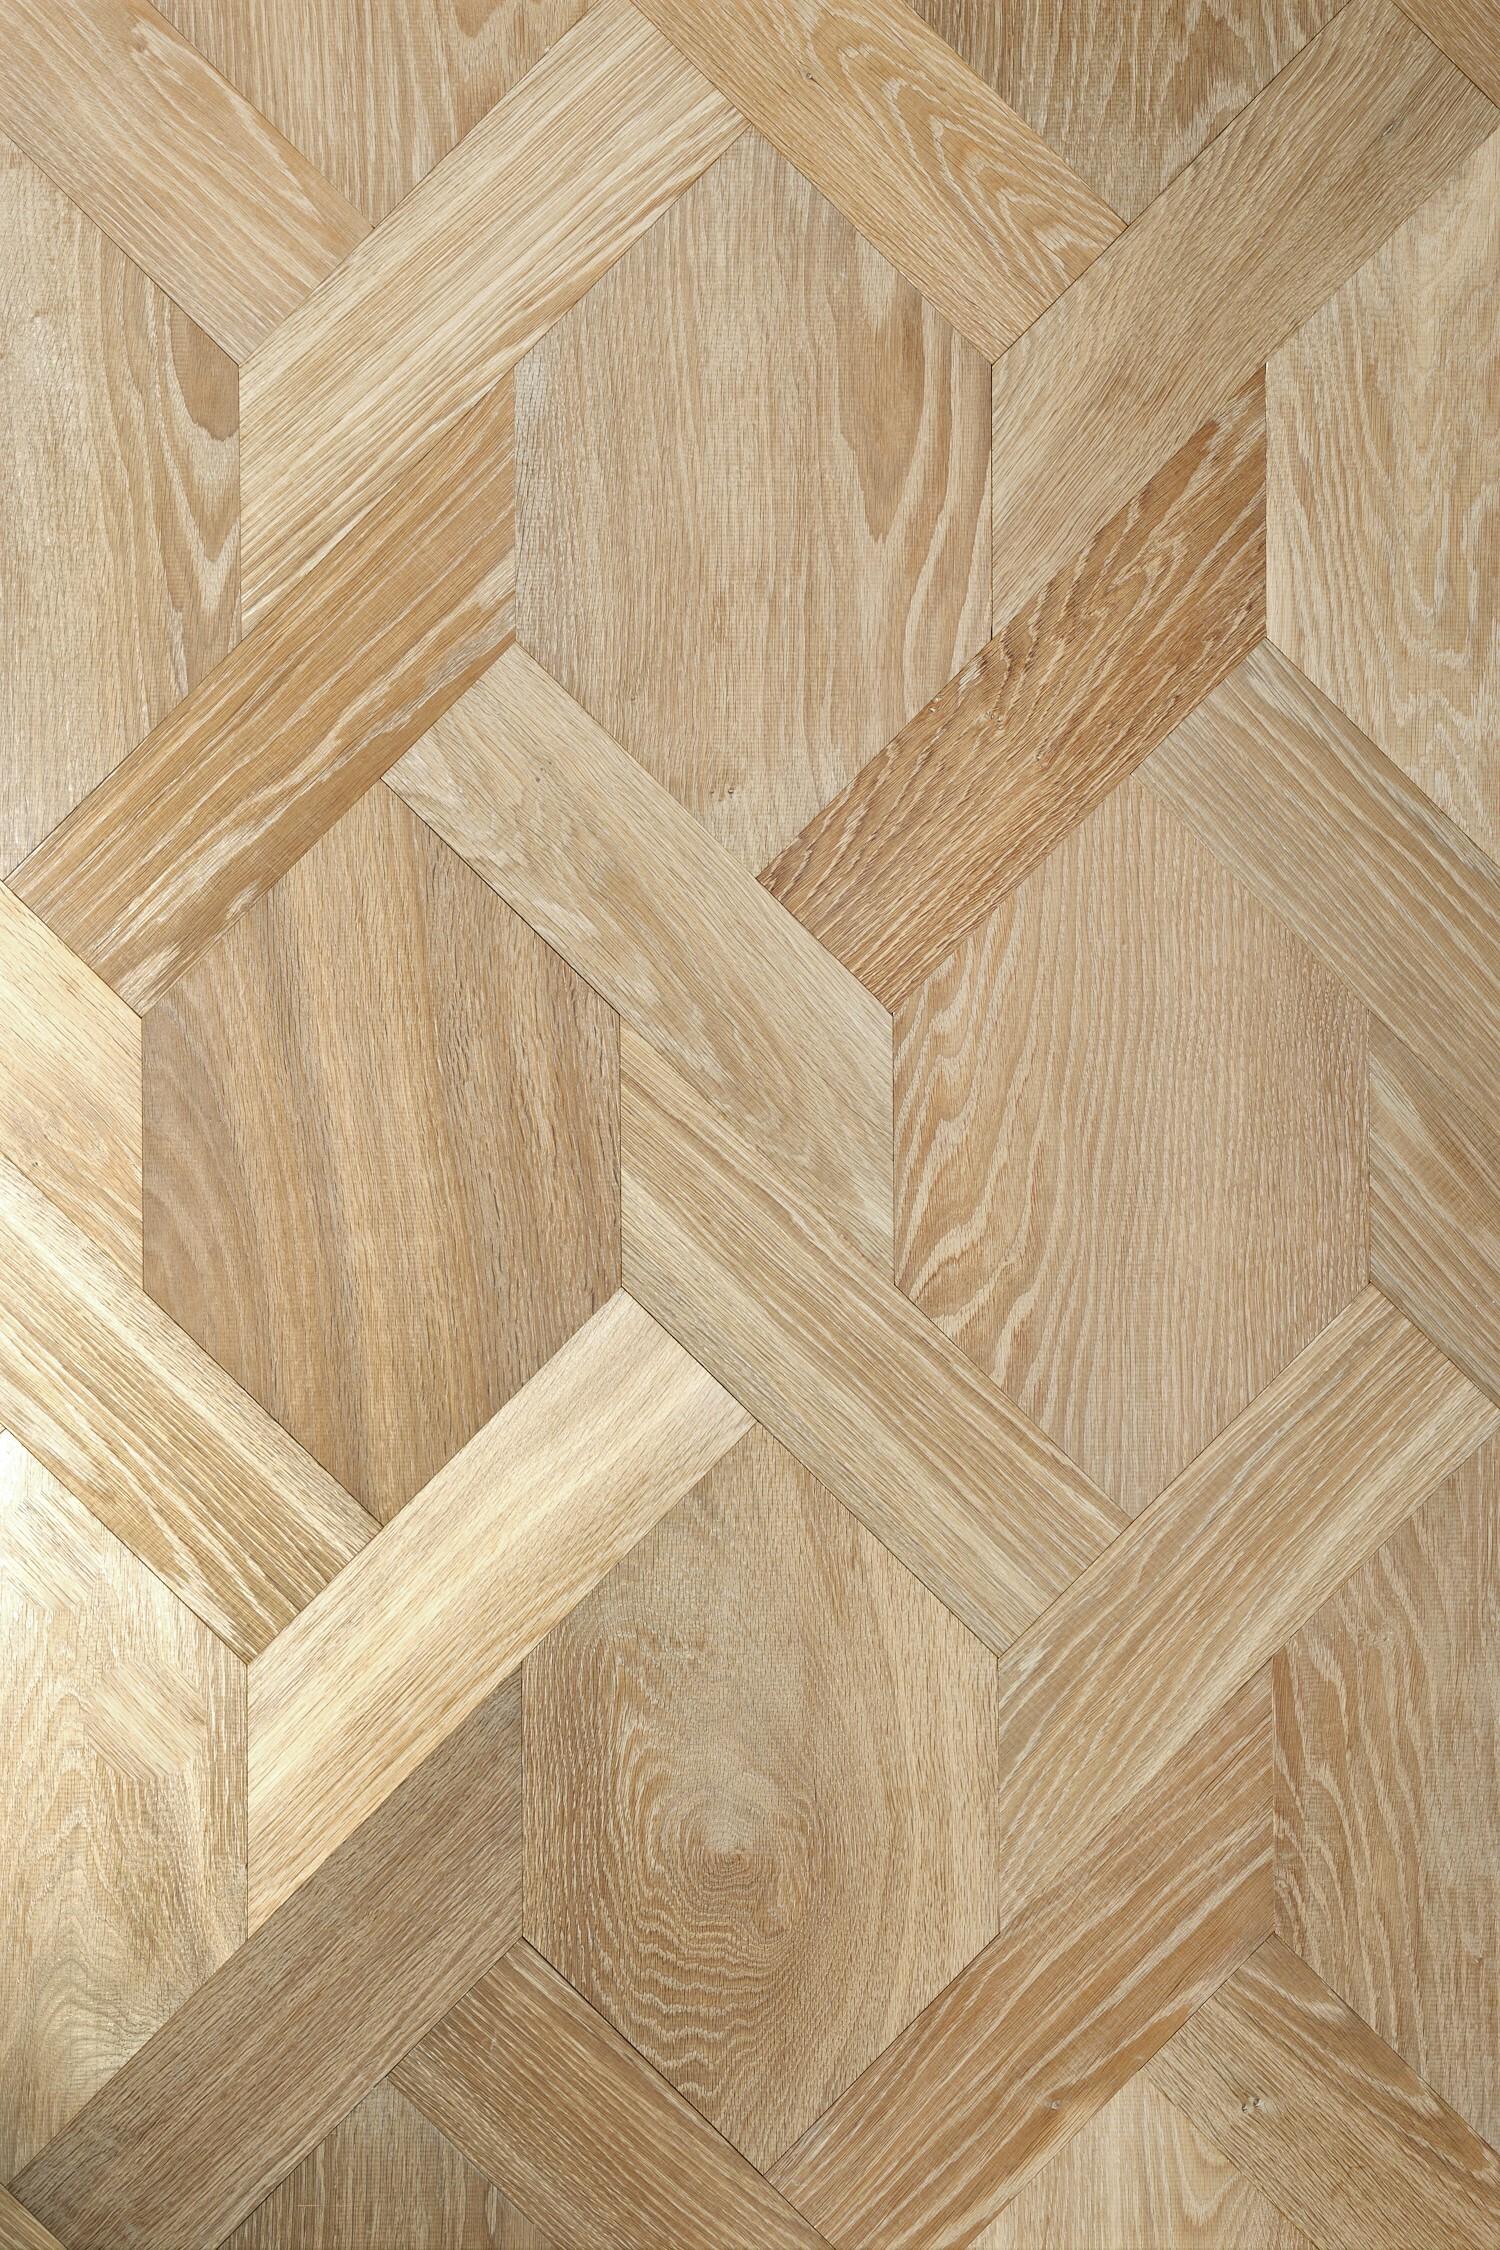 Oak landmark saltram engineered parquet flooring in mansion weave pattern